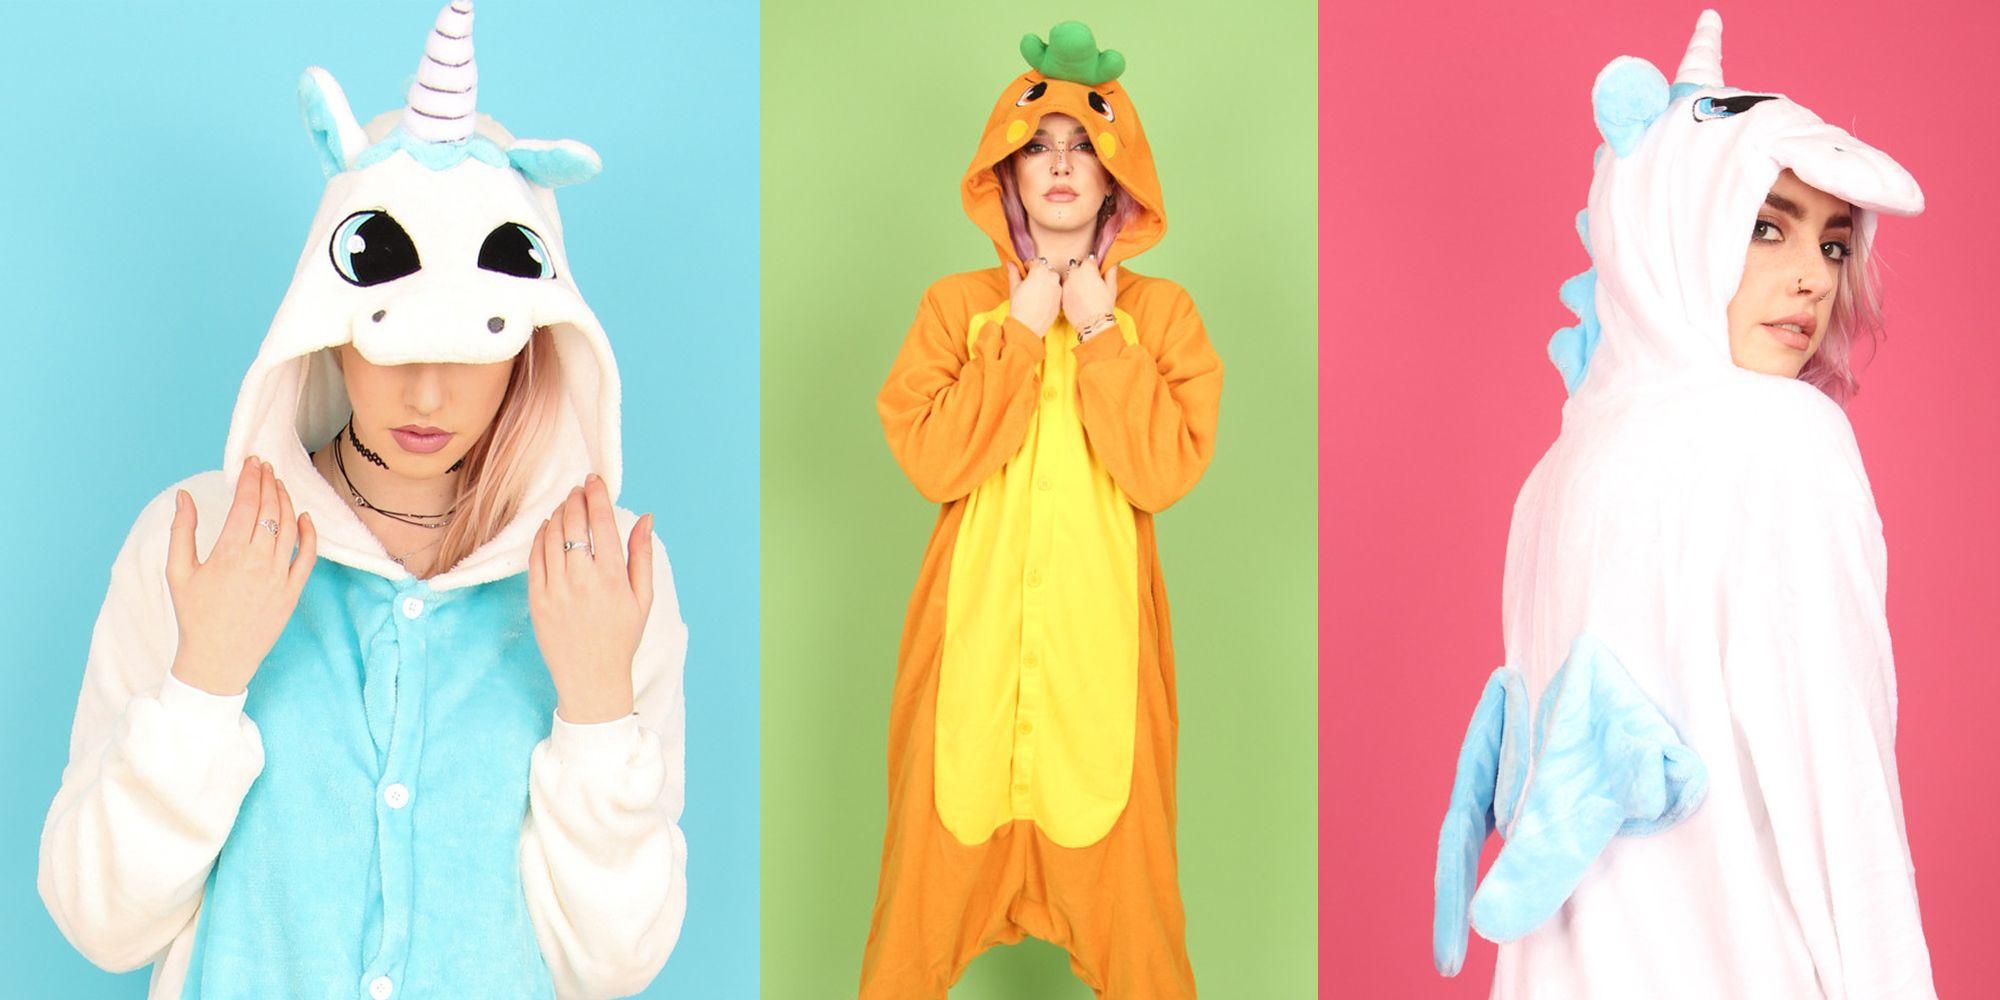 vendita calda online 08cce e3f6a Kigurumi è la tuta intera a forma di animale con cui essere ...